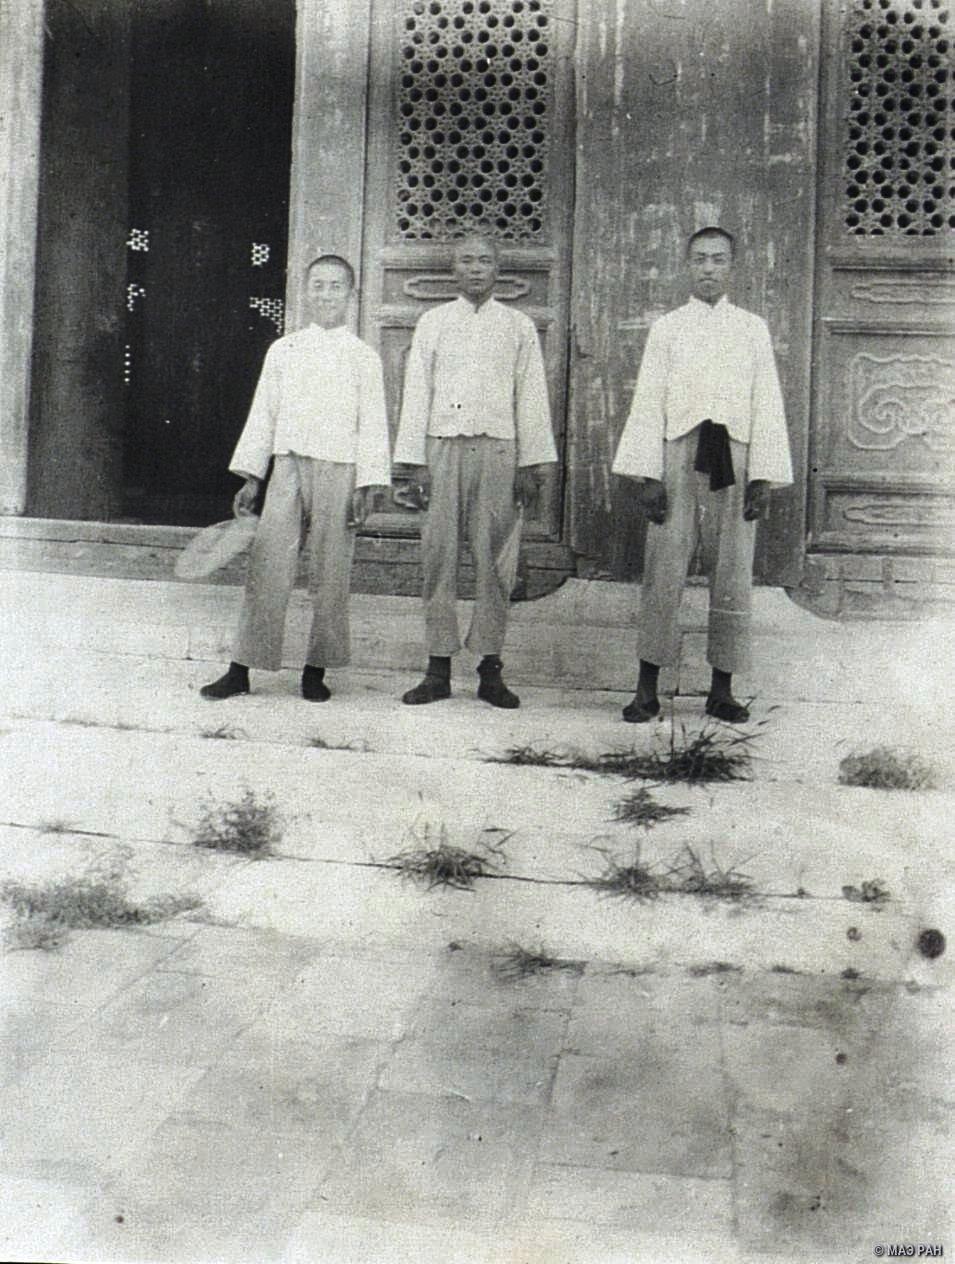 Солдаты генерала Чжан Цзо-линя